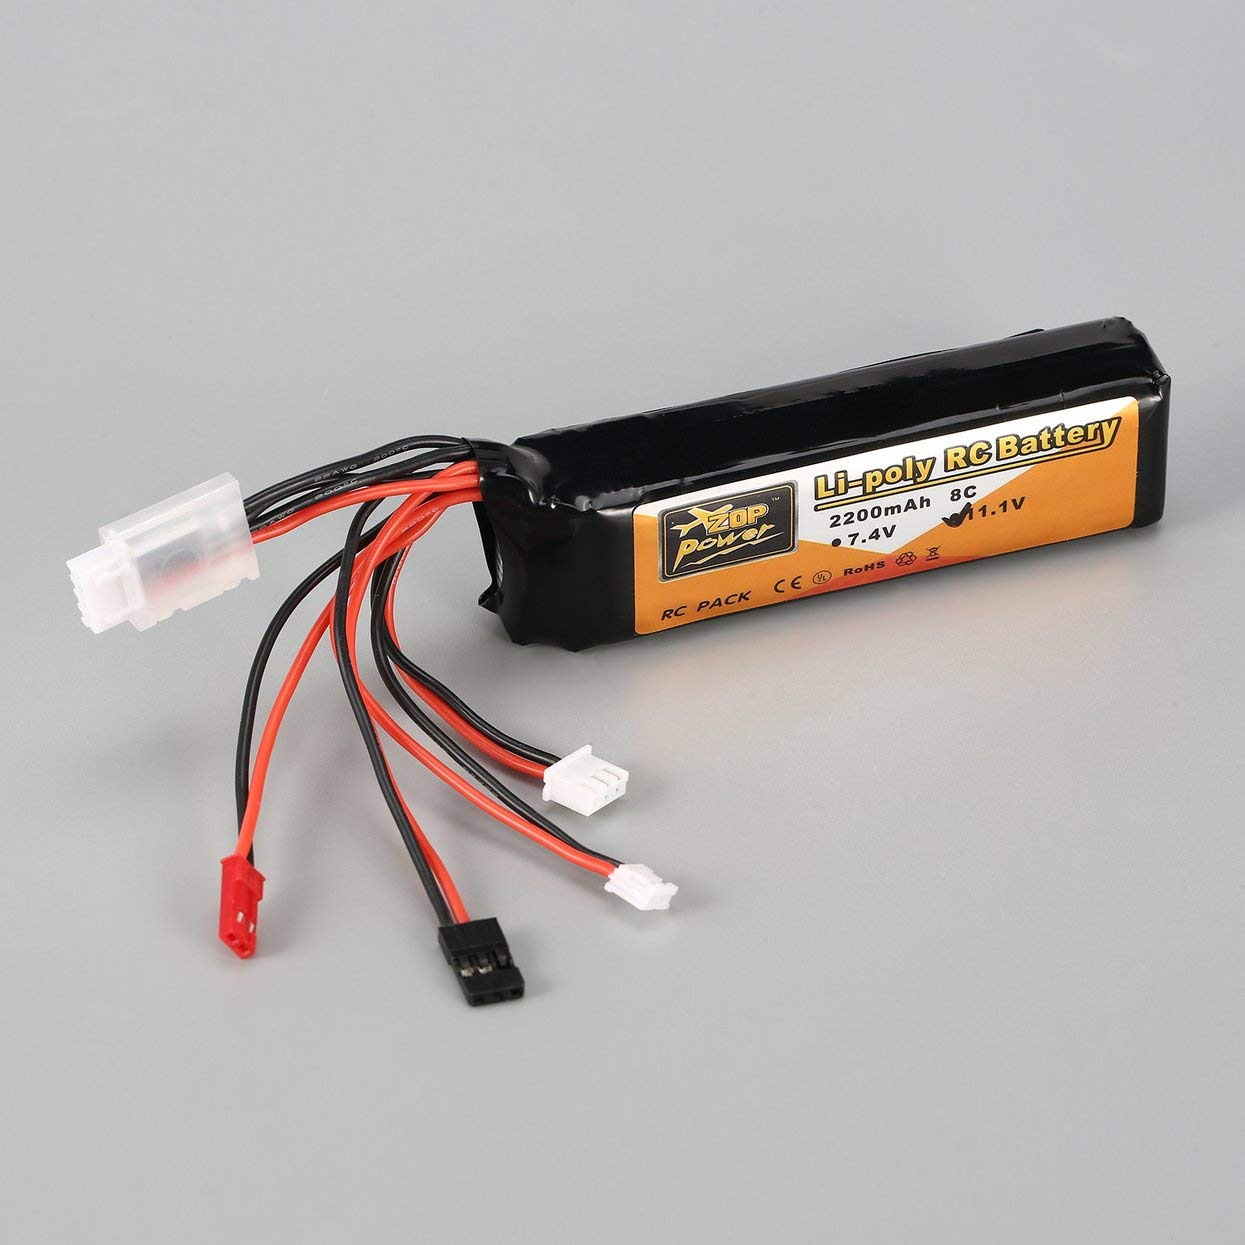 LoveOlvidoF ZOP Puissance 11.1V 2200mAh 8C 3S 3S1P Lipo Batterie JST JR Futaba Plug Rechargeable pour RC Drone H/élicopt/ère Quadricopt/ère /Émetteur